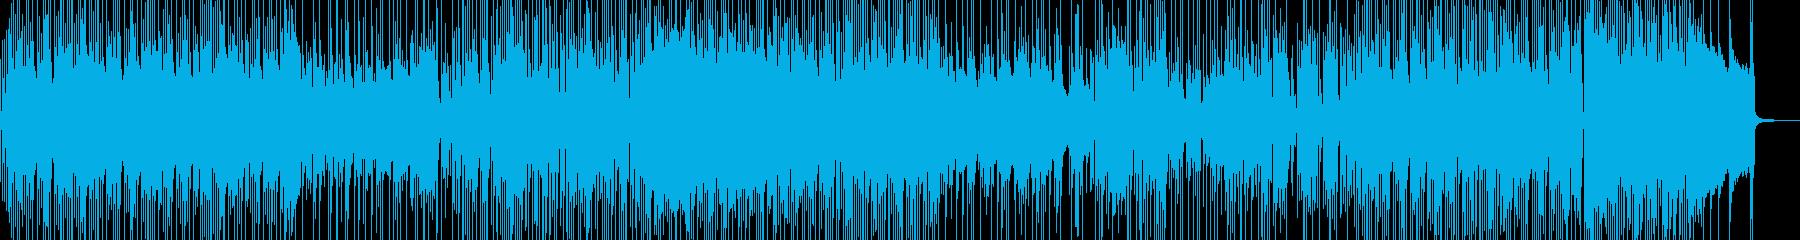 三味線・行楽・まったりジャズポップ 短尺の再生済みの波形